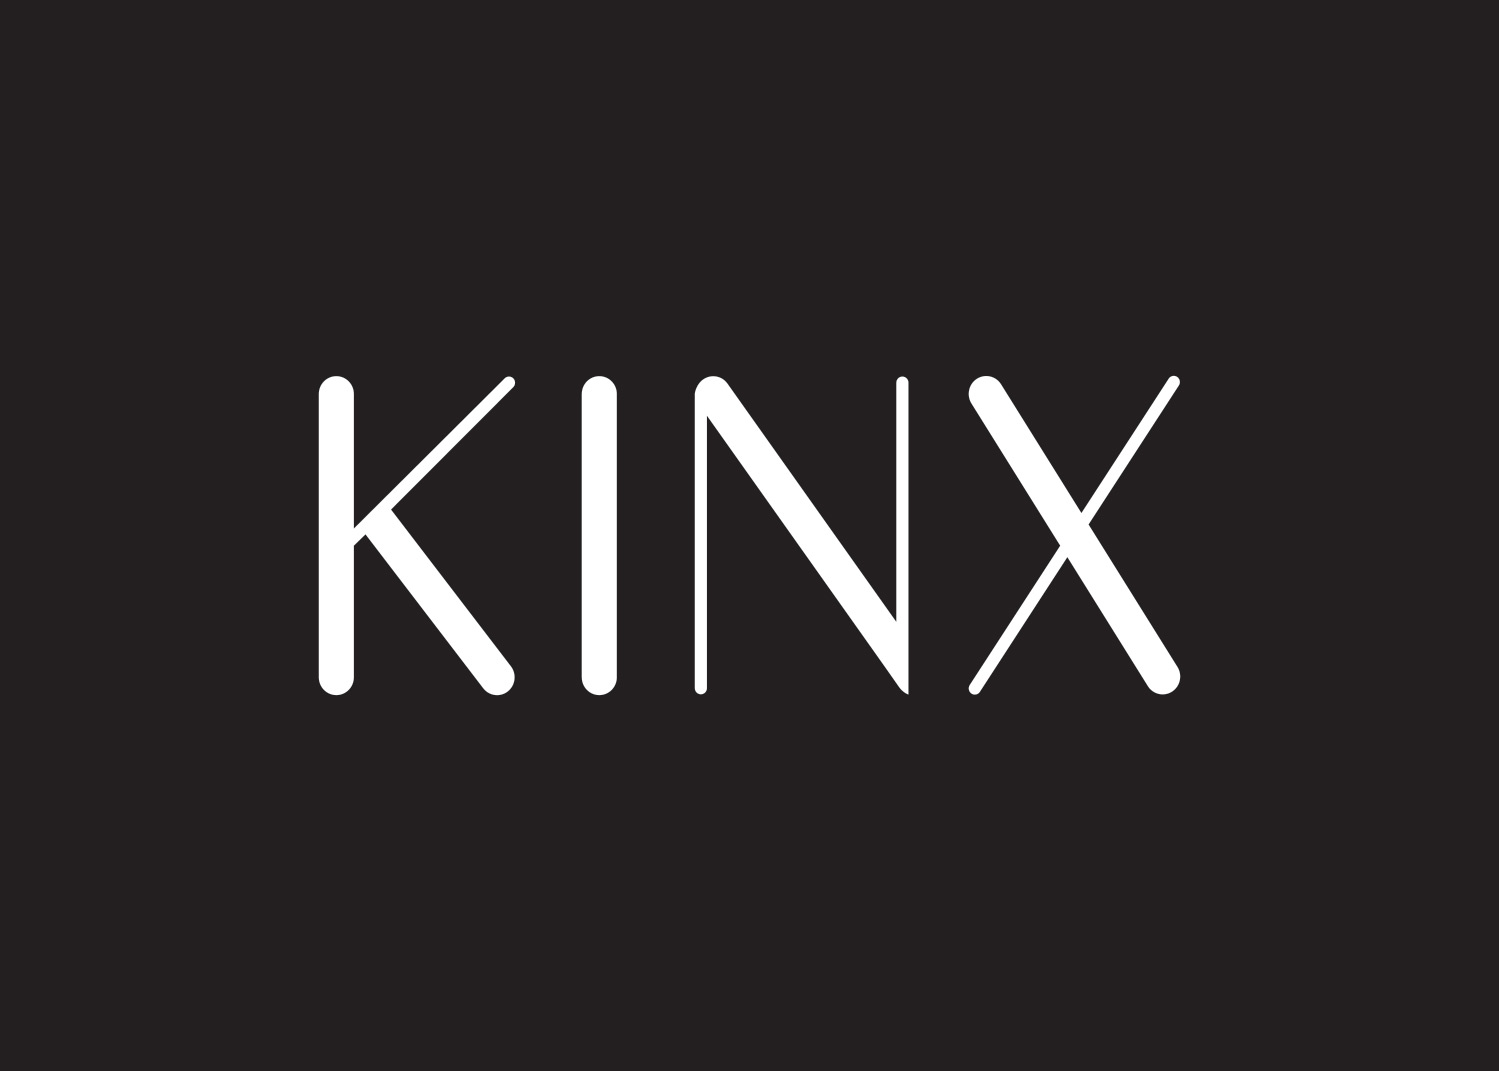 Kinx_1500_3